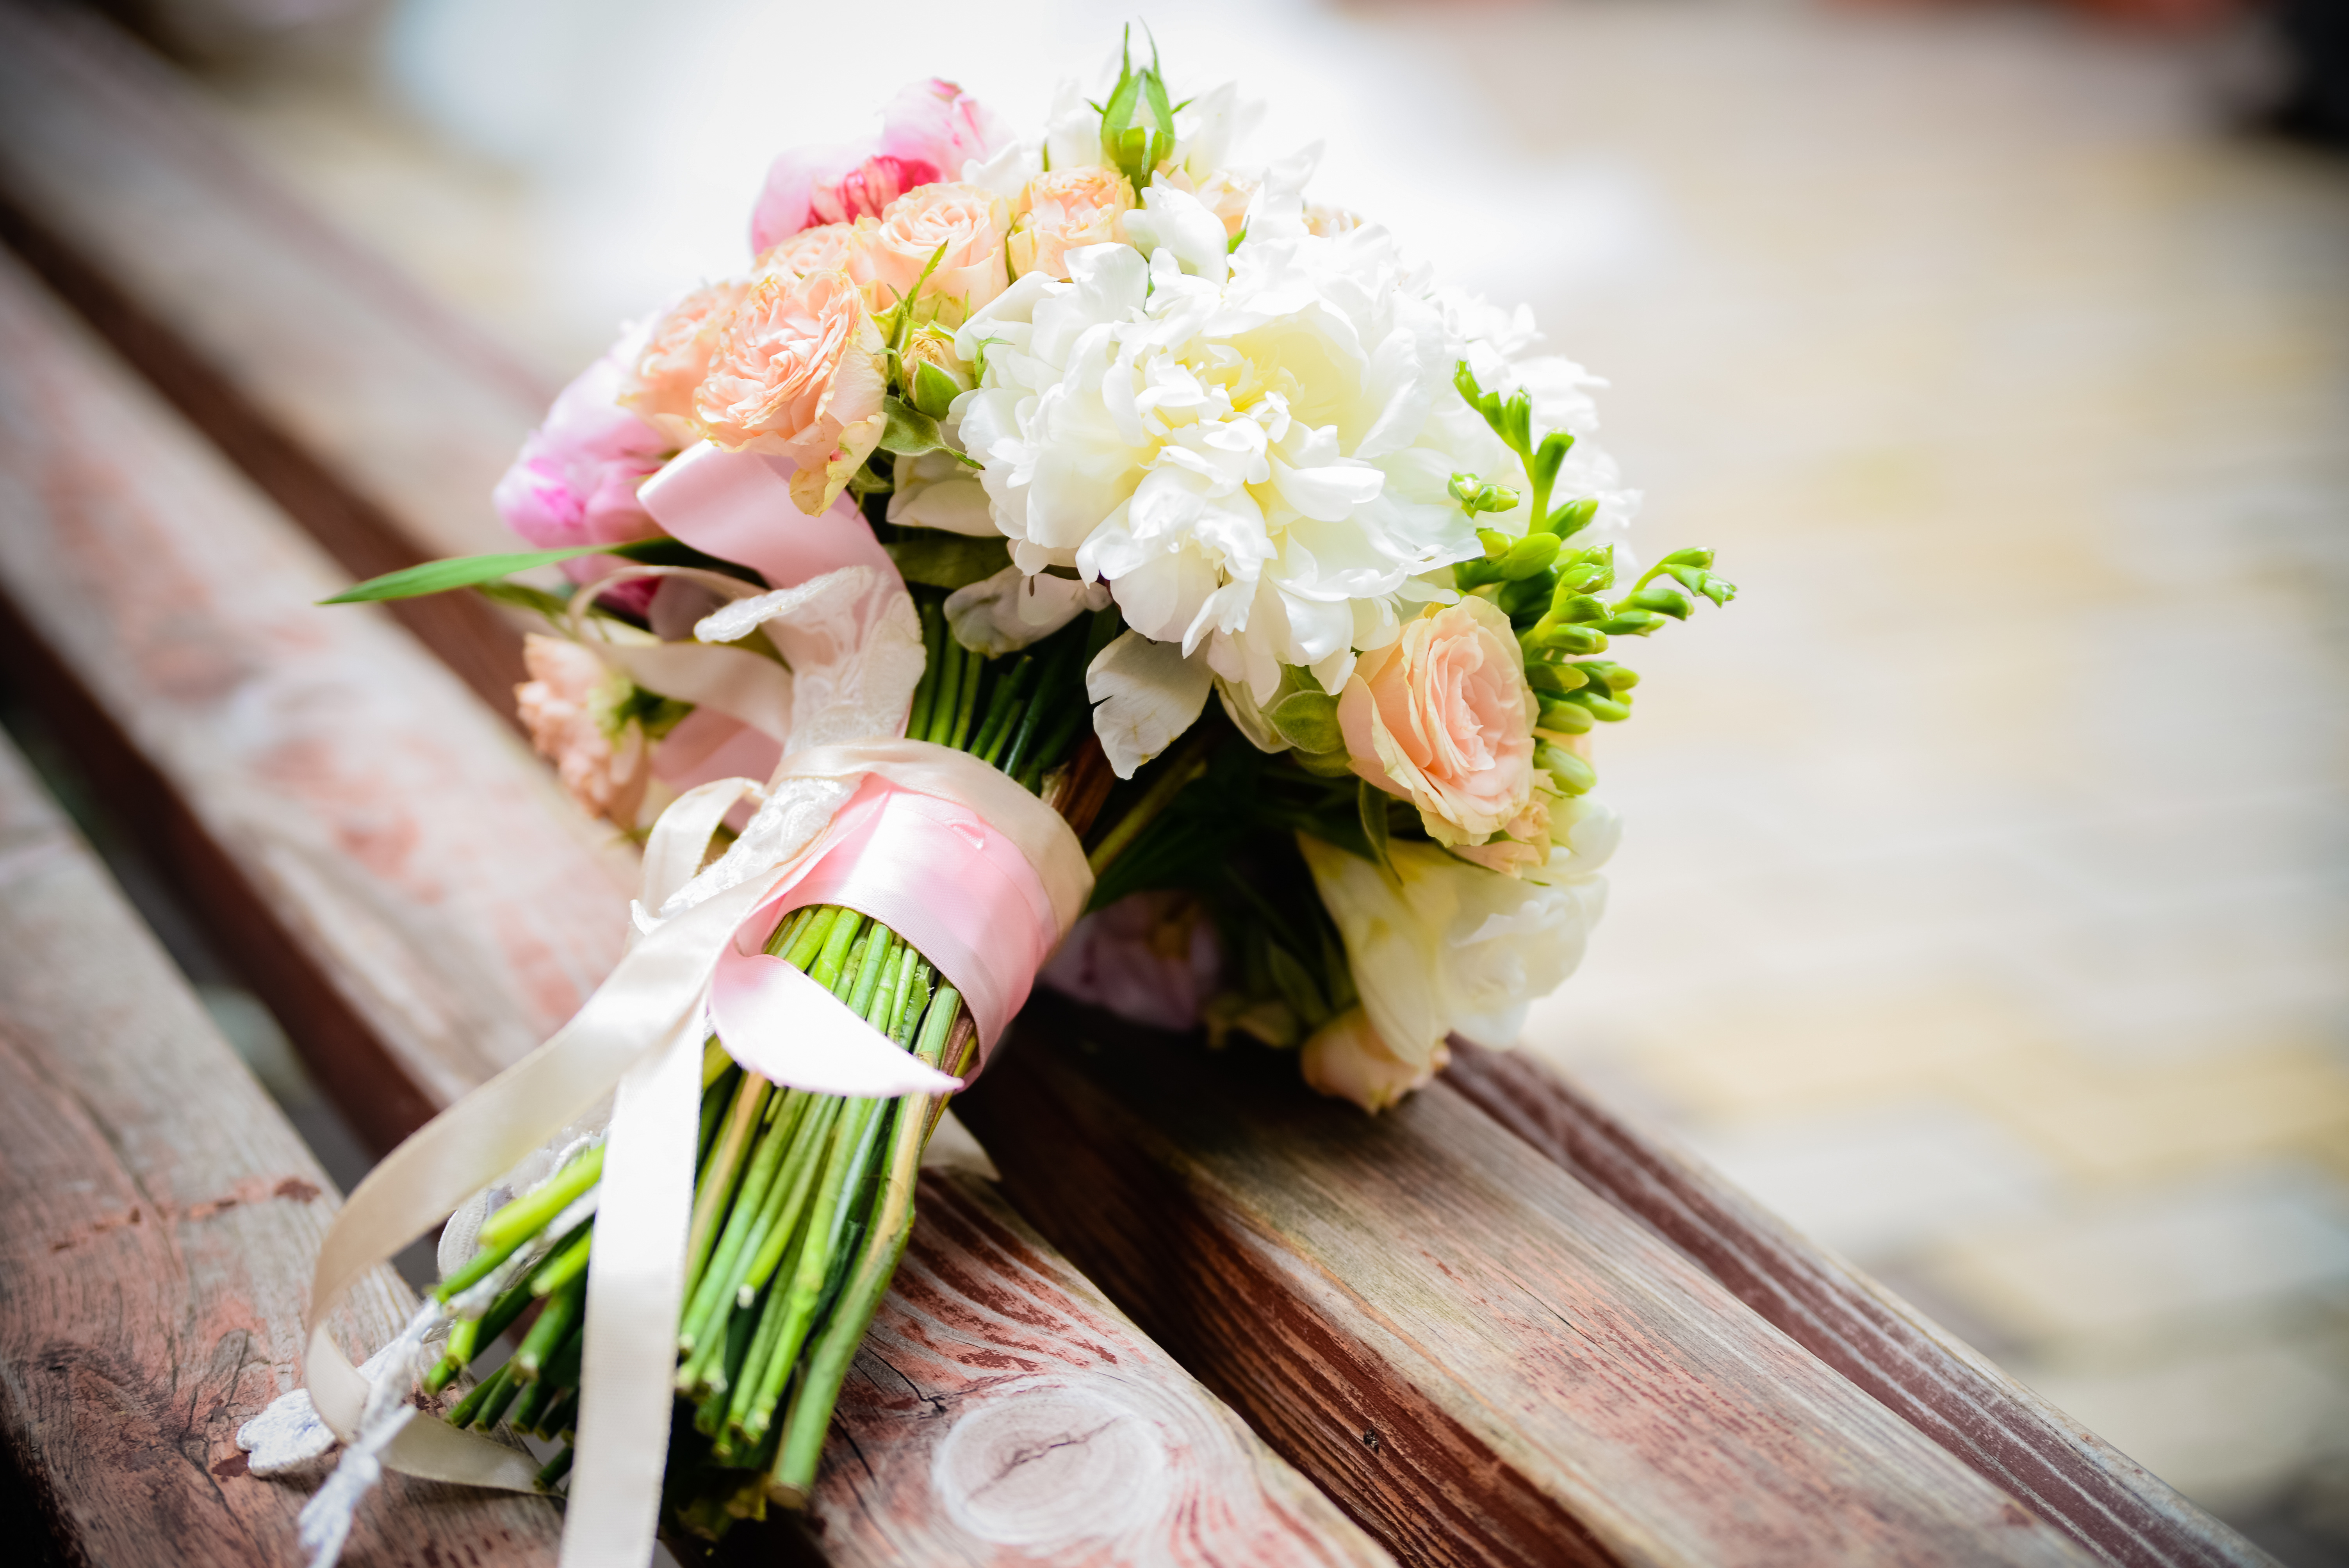 Цветы украине, свадебный букет на столе